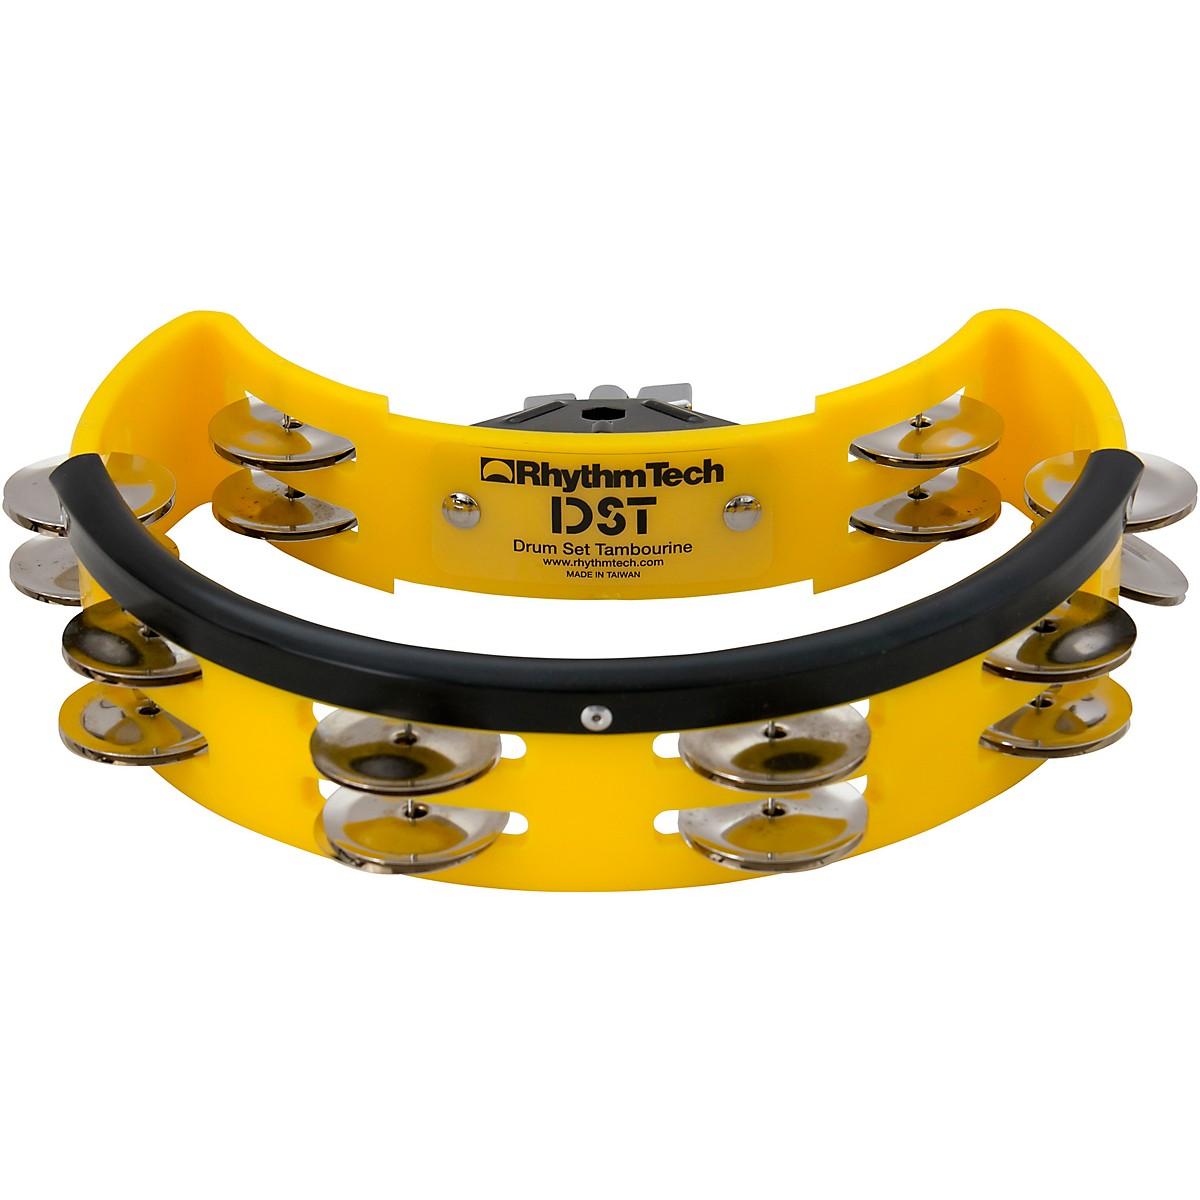 Rhythm Tech DST20 Drum Set Tambourine